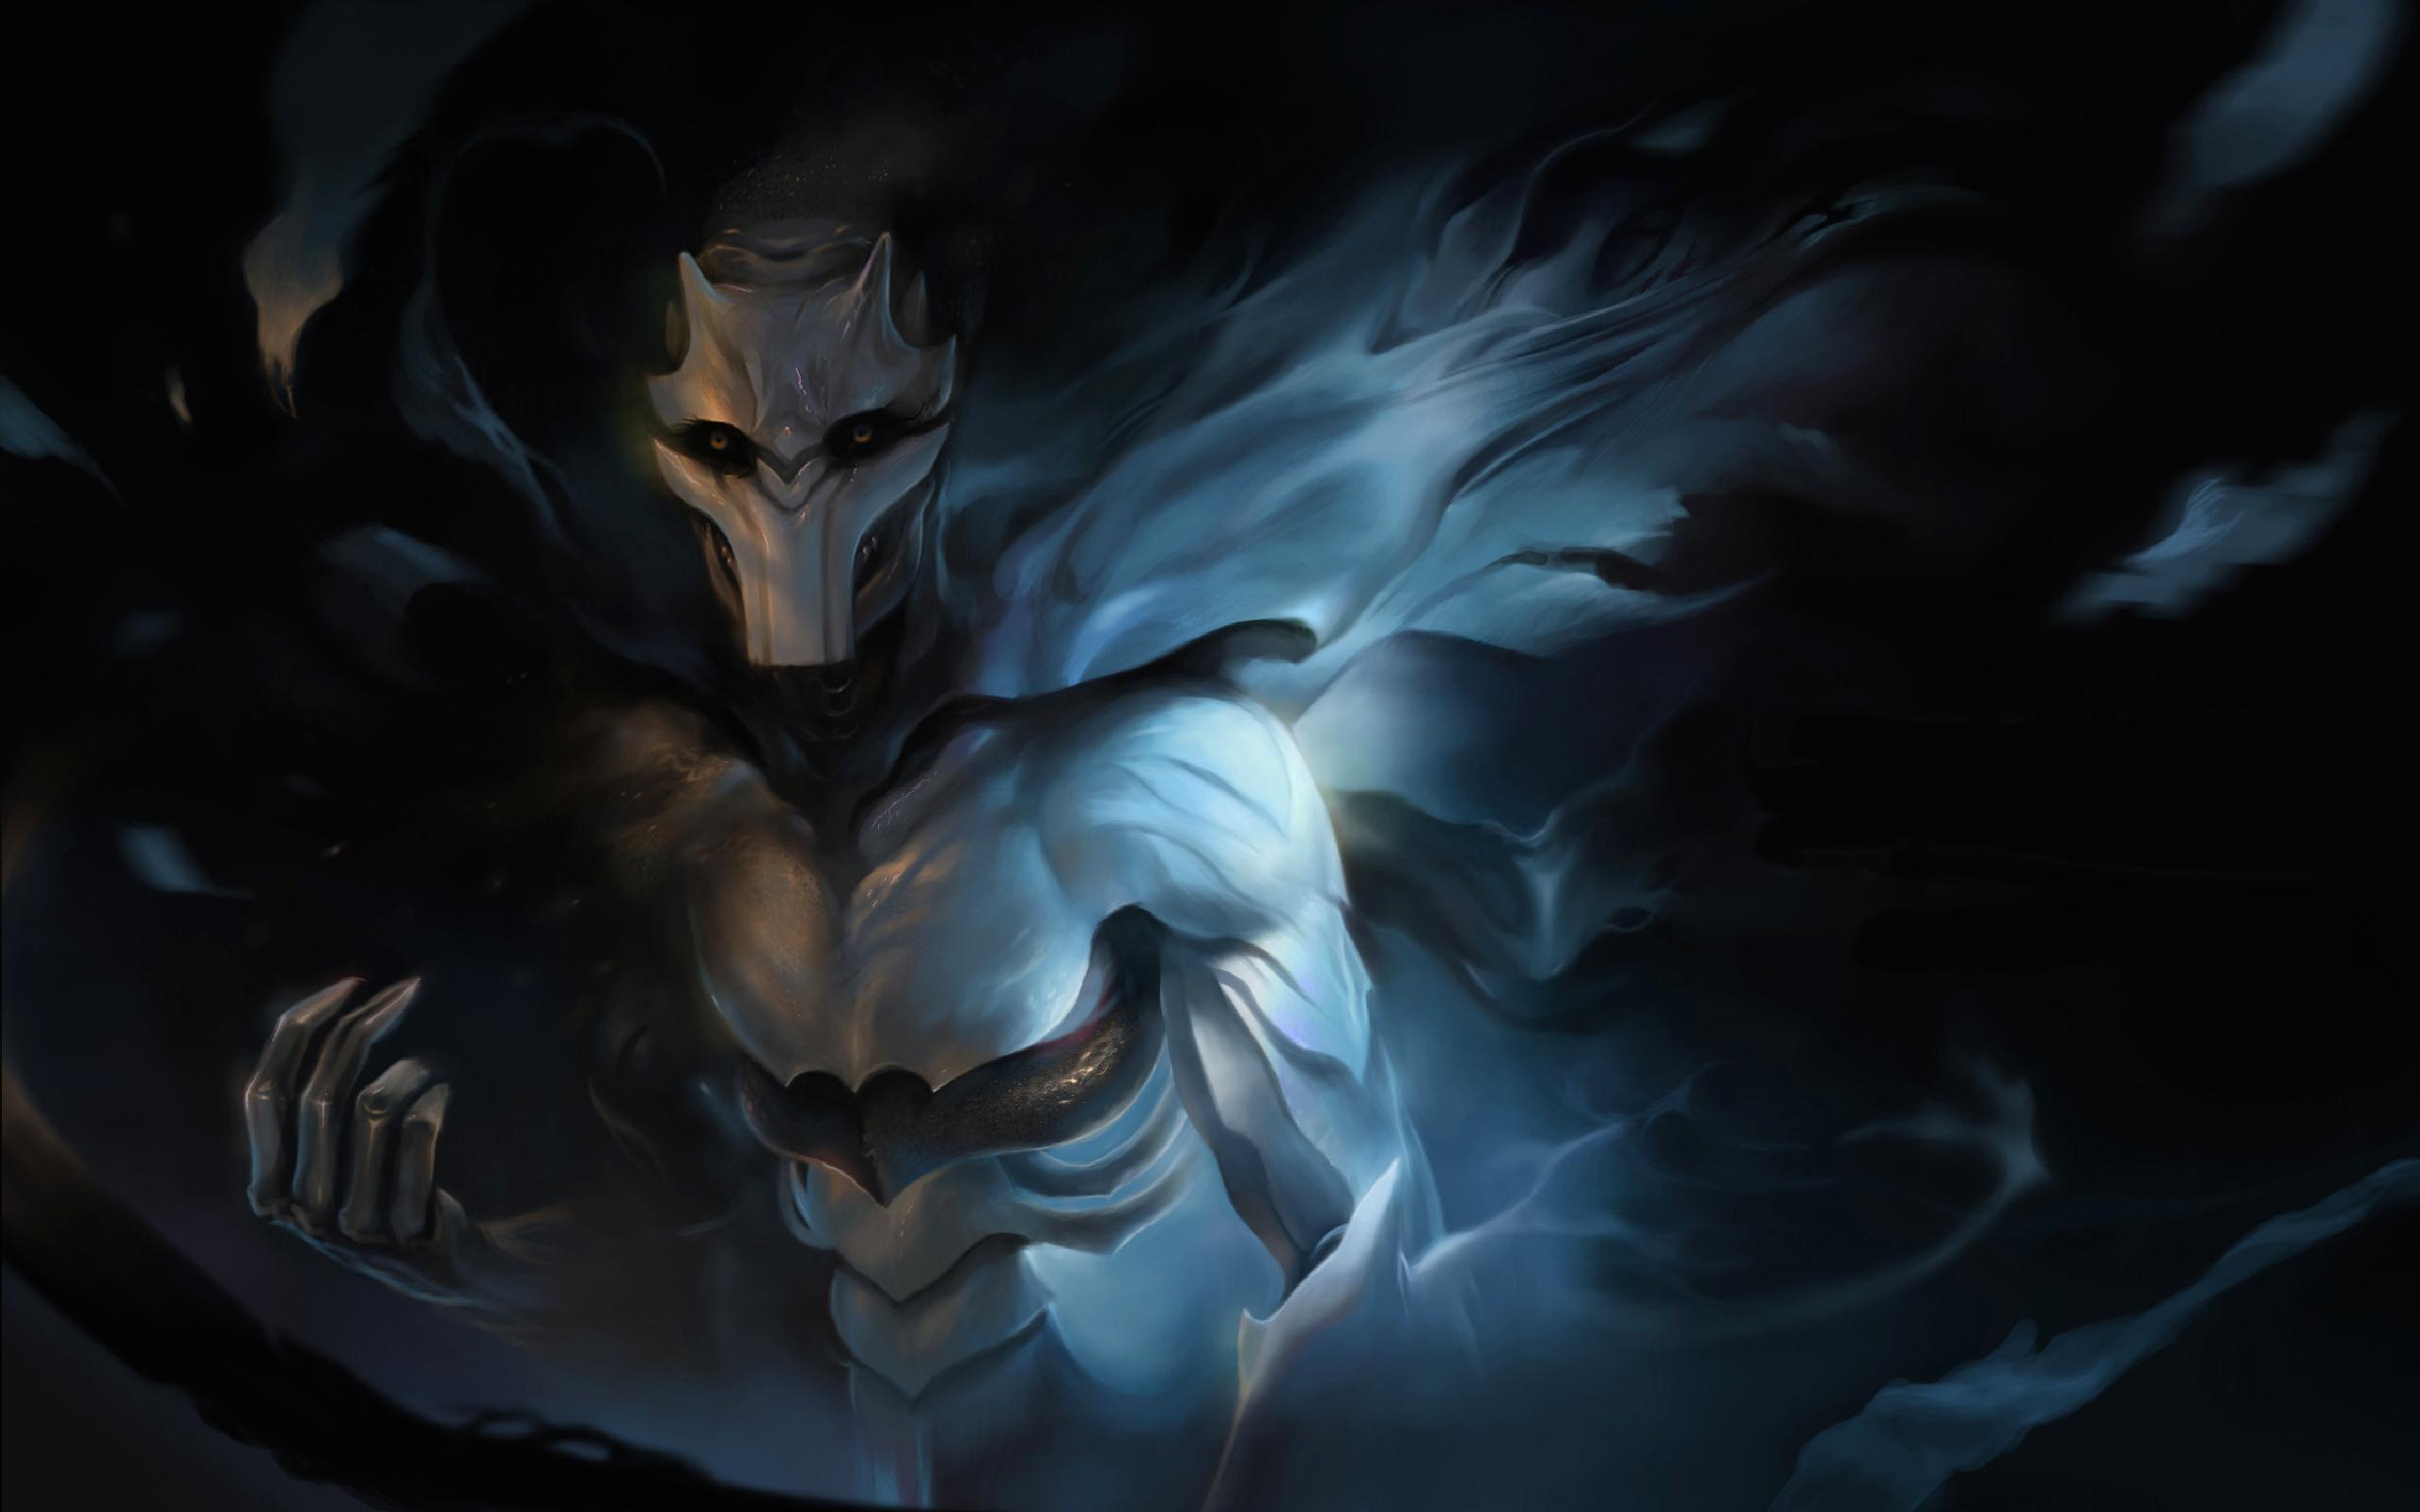 Masked fallen angel wallpaper   ForWallpapercom 2560x1600